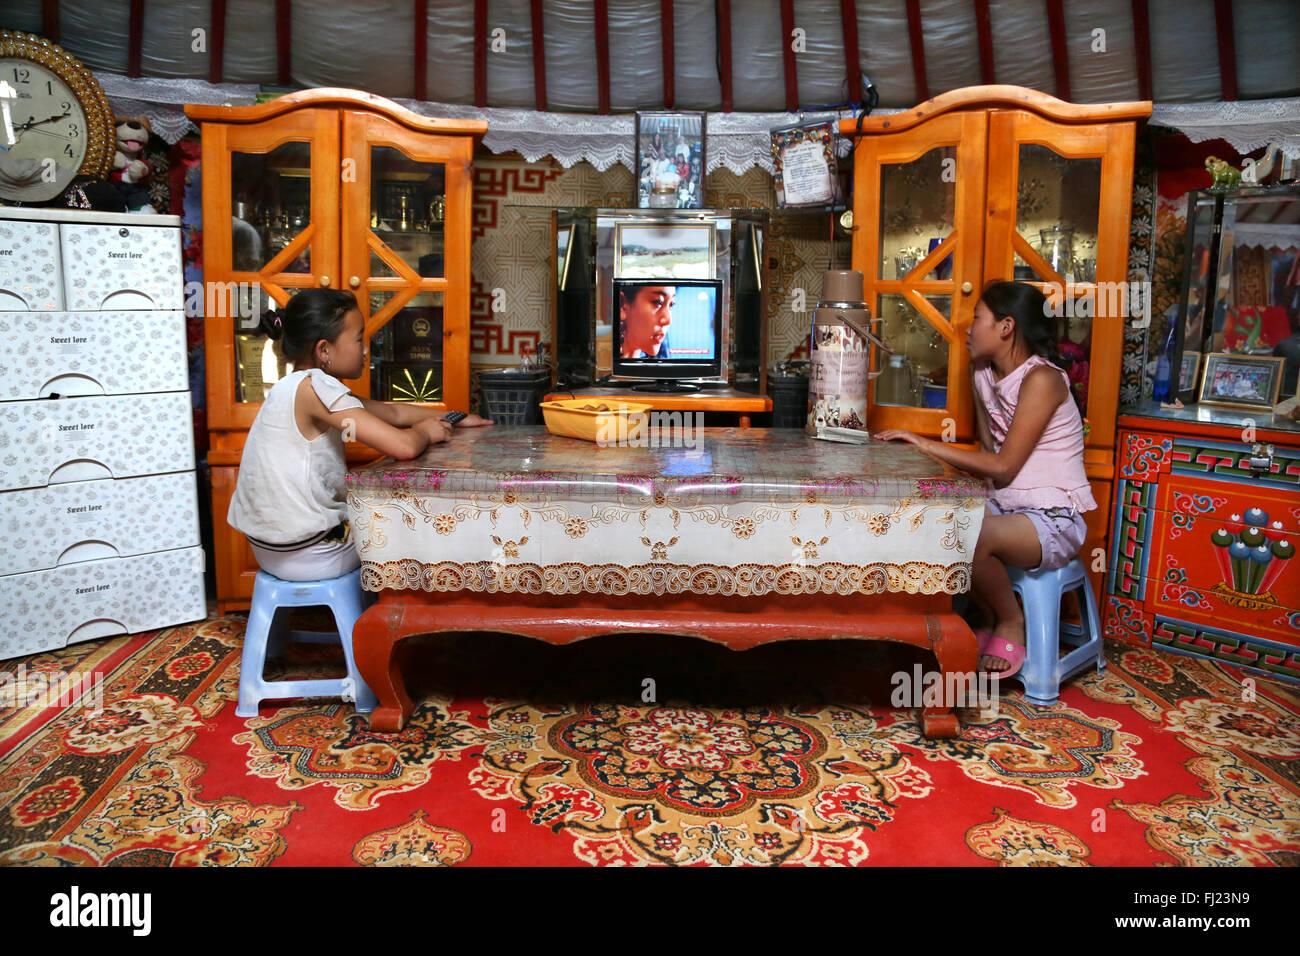 Zwei junge Mädchen sind Fernsehen in einem traditionellen Heimat ger oder Jurte in der Mongolei Stockbild